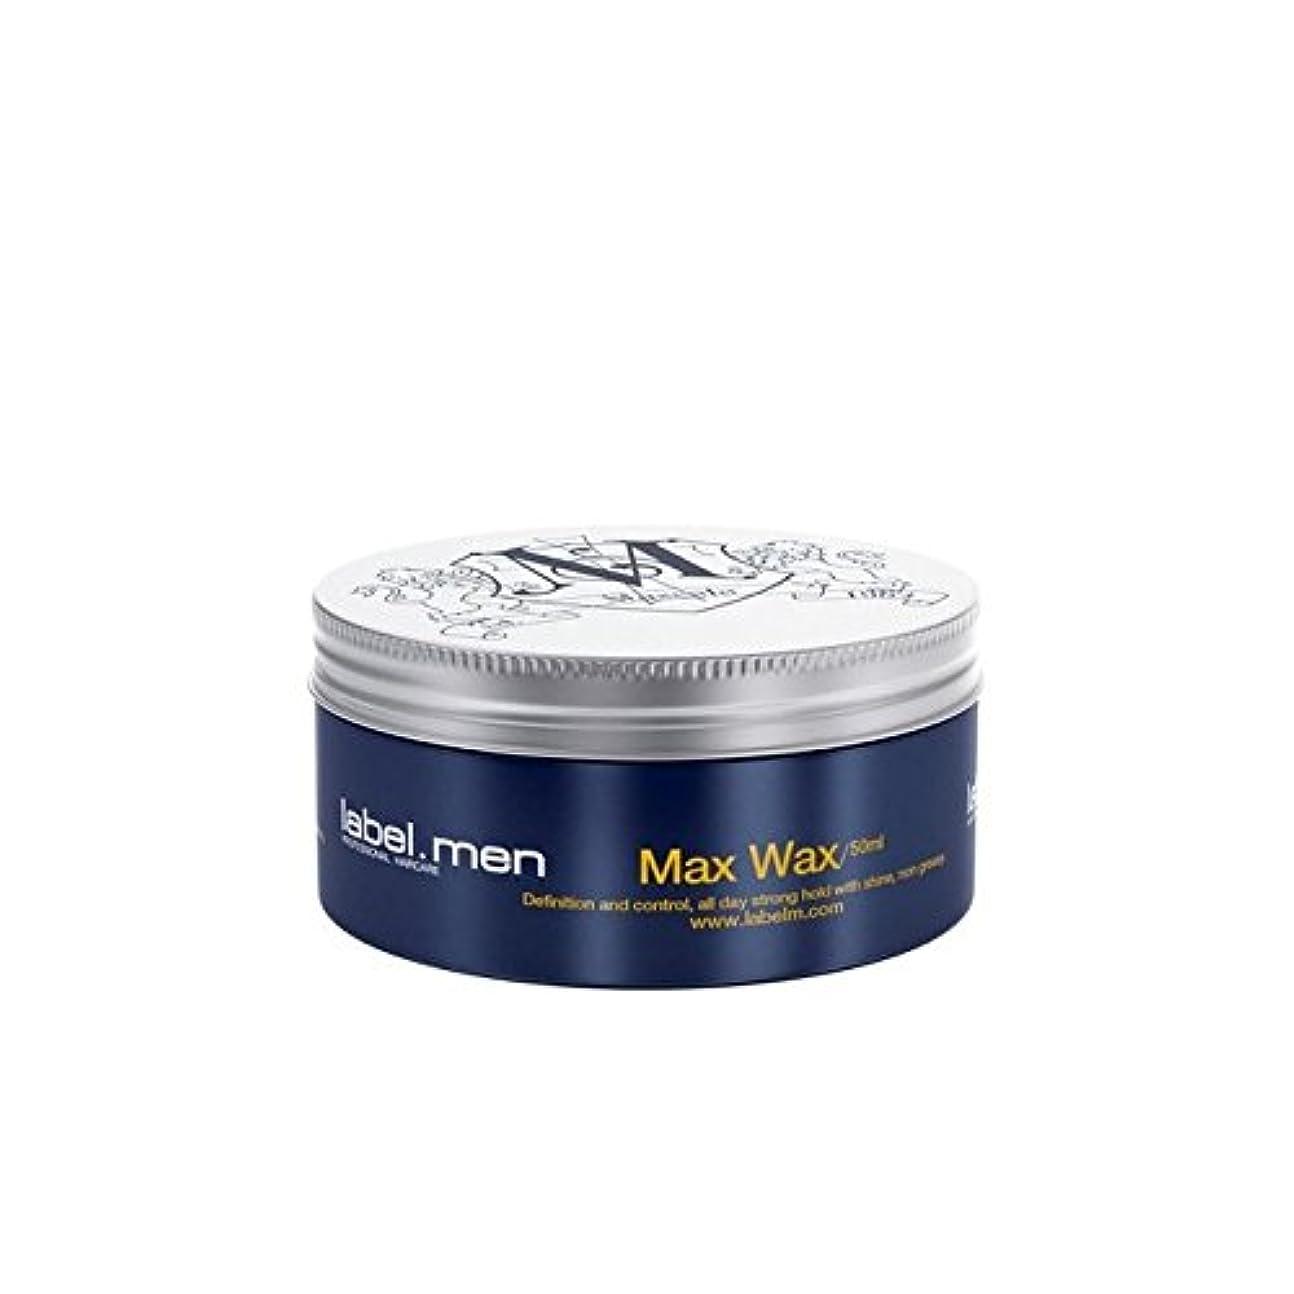 オーラルマウント突然.マックスワックス(50ミリリットル) x2 - Label.Men Max Wax (50ml) (Pack of 2) [並行輸入品]